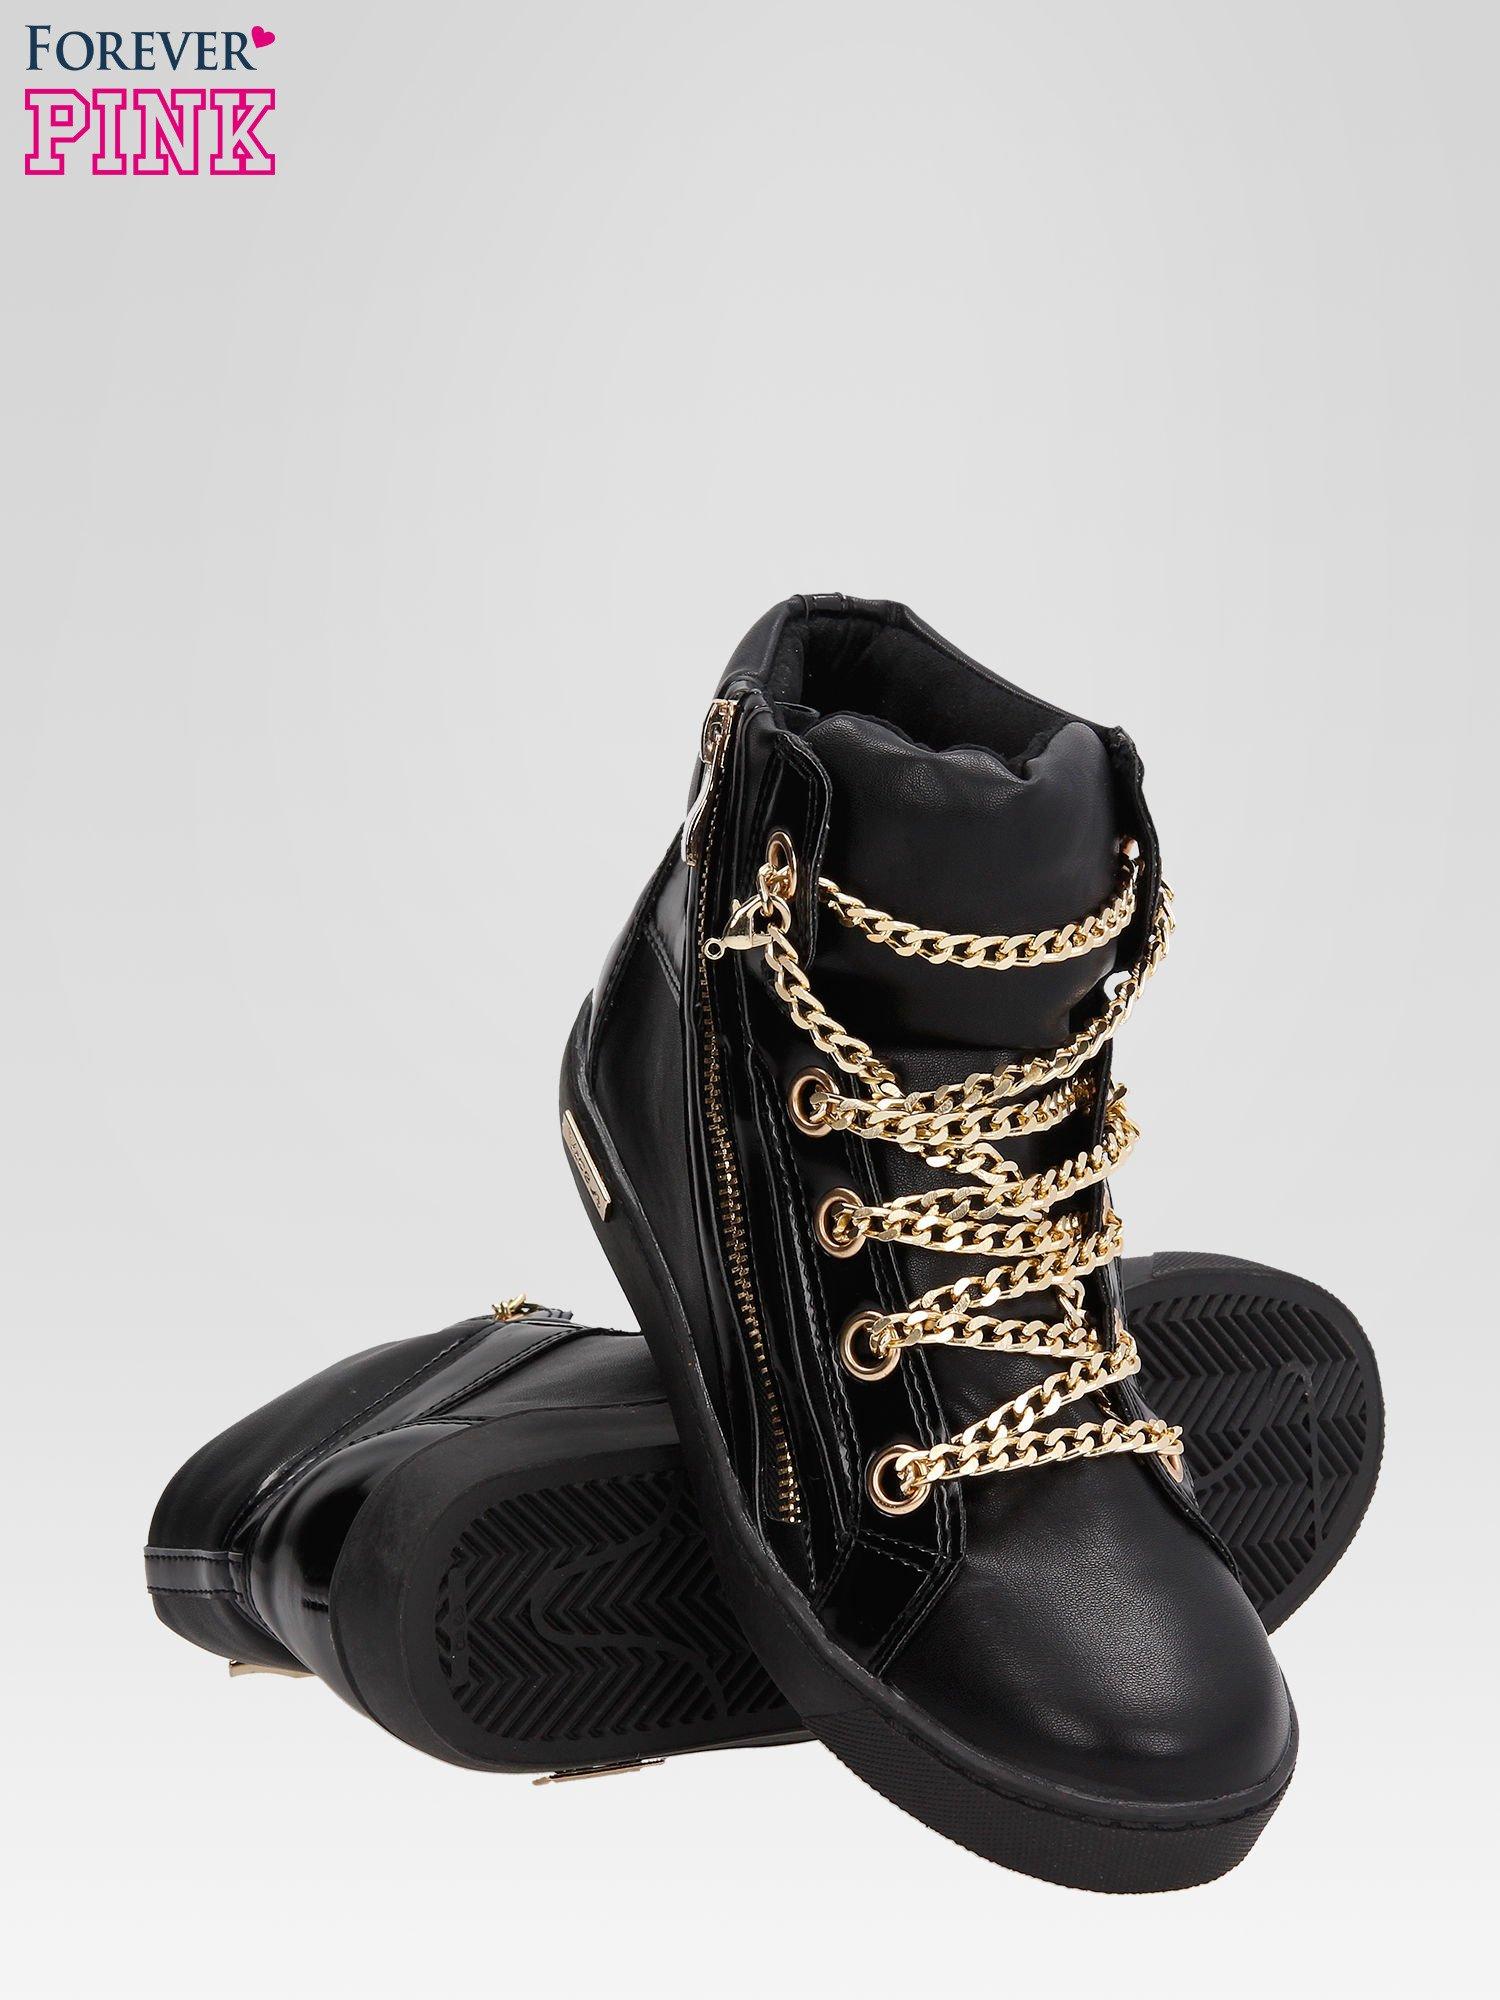 Czarne sneakersy damskie ze złotym łańcuszkiem                                  zdj.                                  4